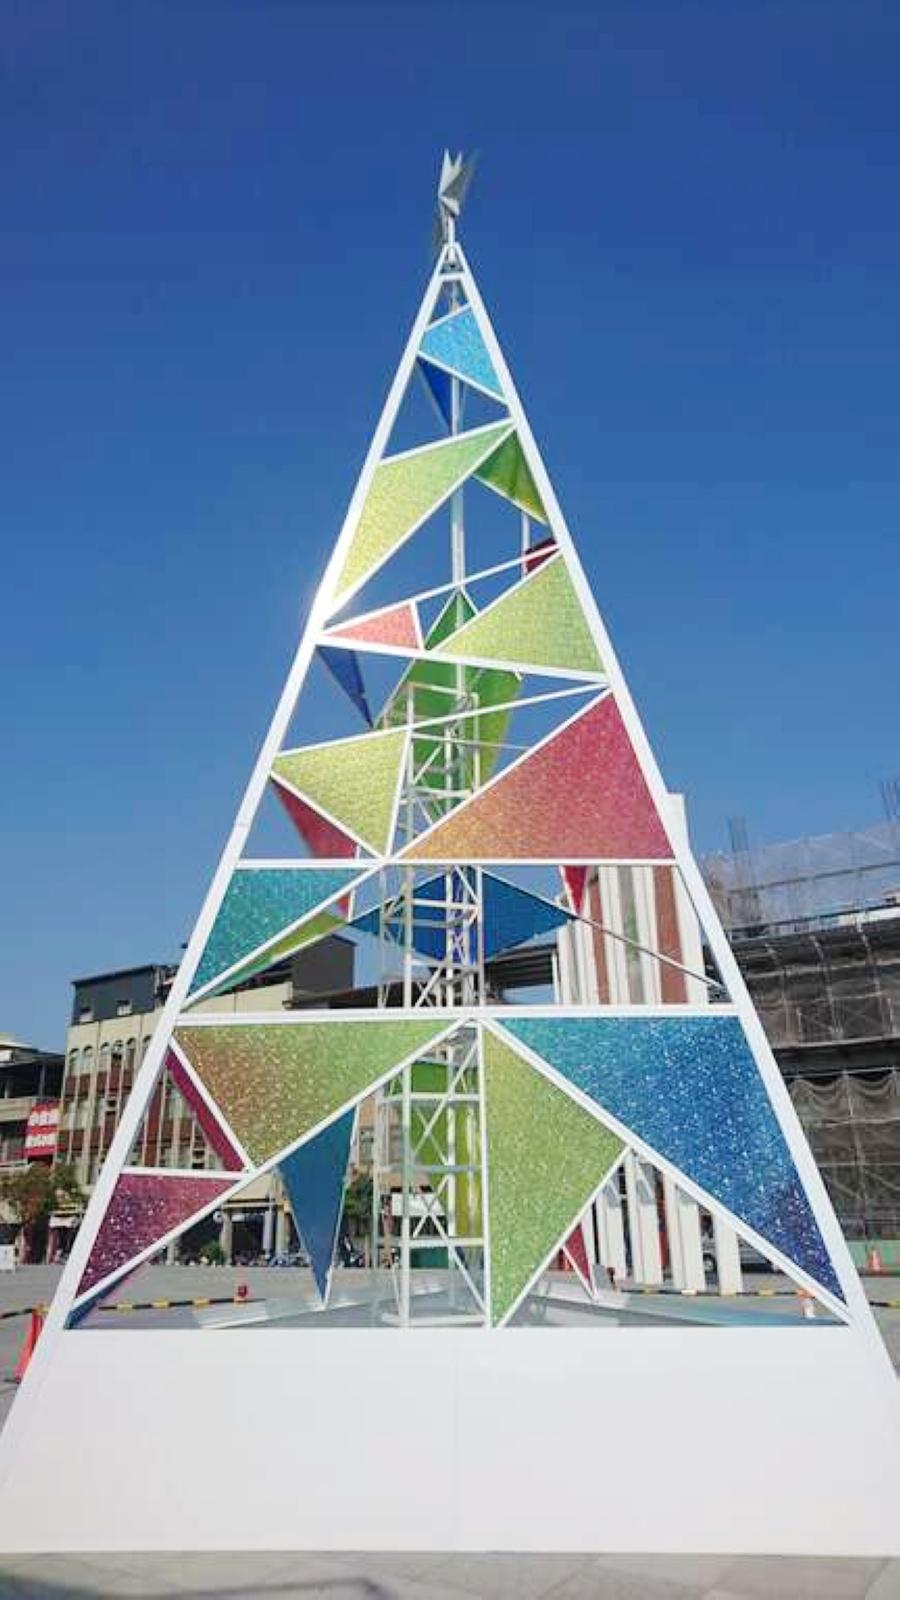 台南美術館二館聖誕樹(圖片來源:台南觀旅局)